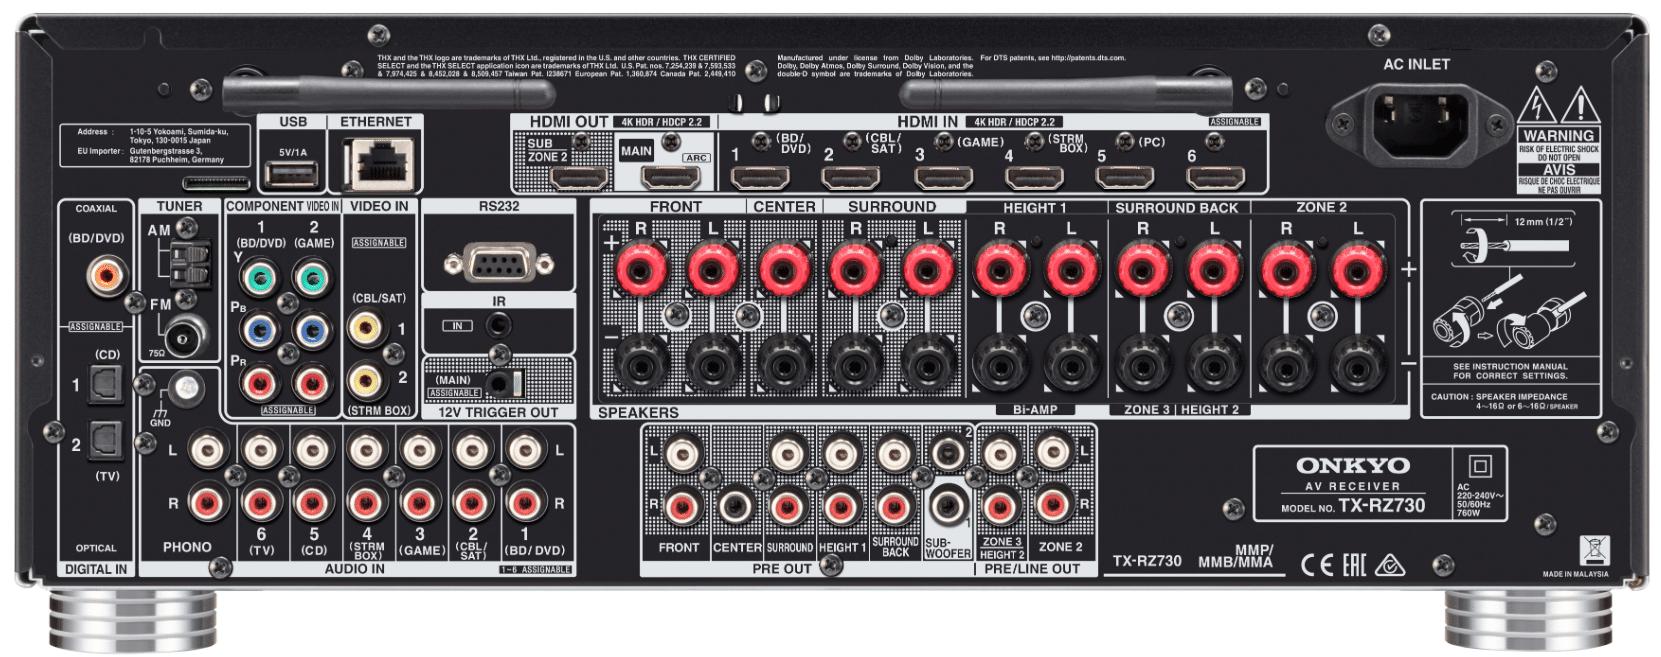 Onkyo RZ Receivers: TX-RZ730 & TX-RZ830